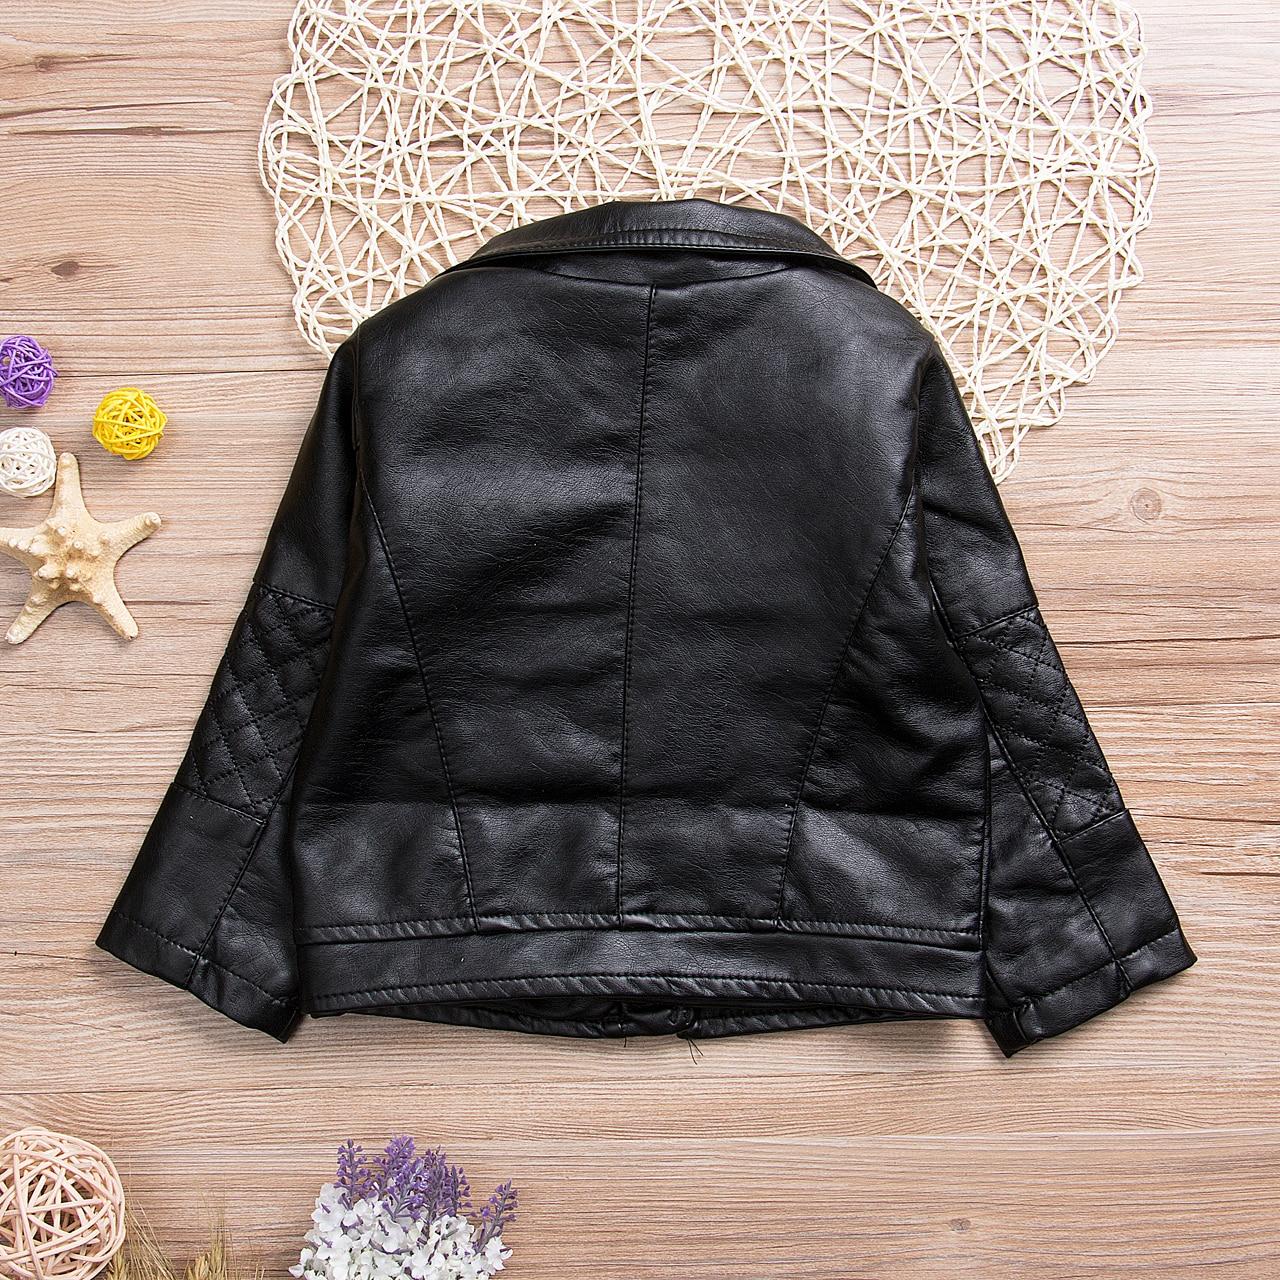 Baby stylish girl jackets new photo